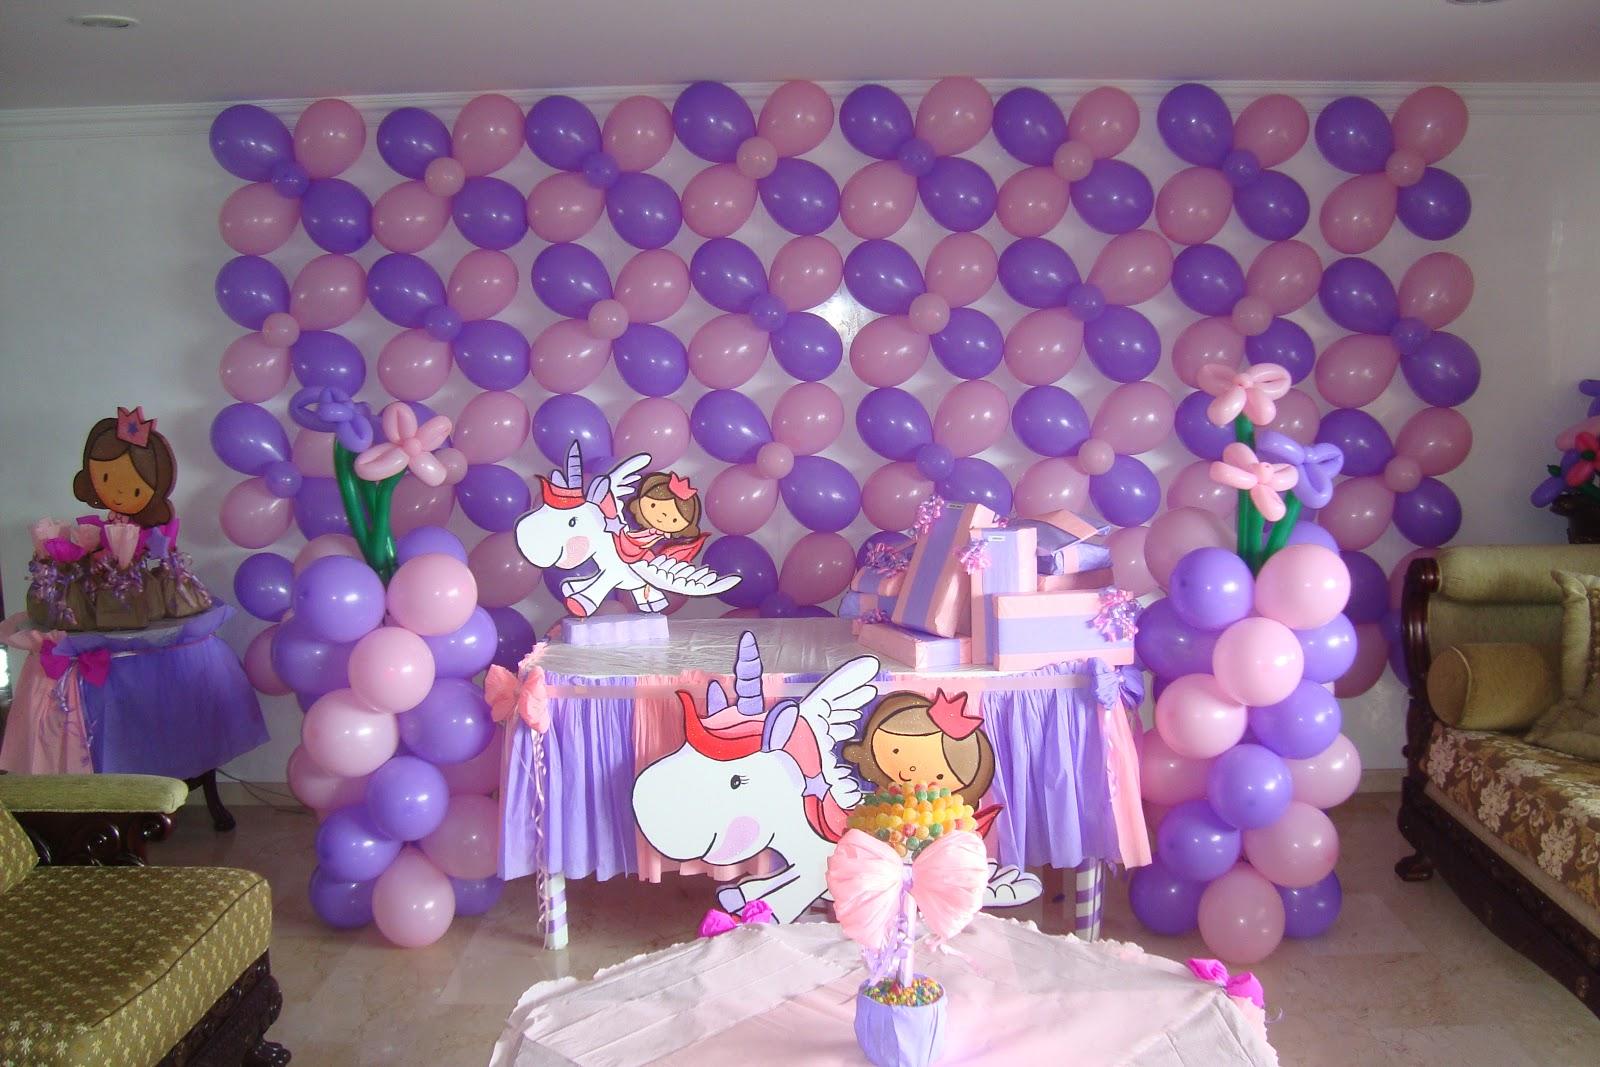 Decoracion fiesta princesa ni a decoraci n fiestas - Decoraciones para fiestas ...